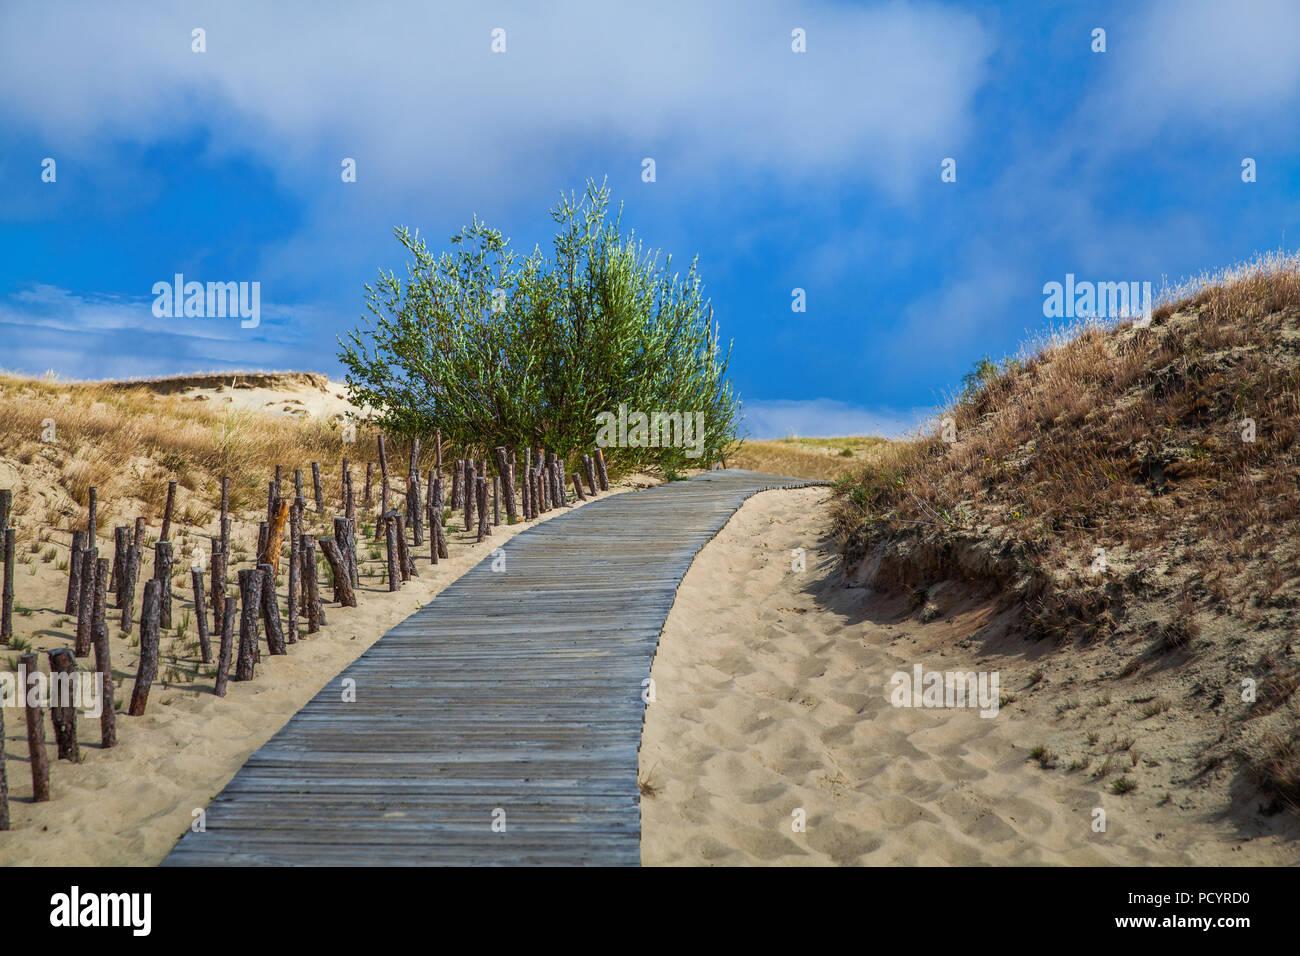 Dünen mit Holzsteg über Sand in der Nähe von Ostsee. Board weg über Sand Strand Dünen in Litauen. Stockfoto